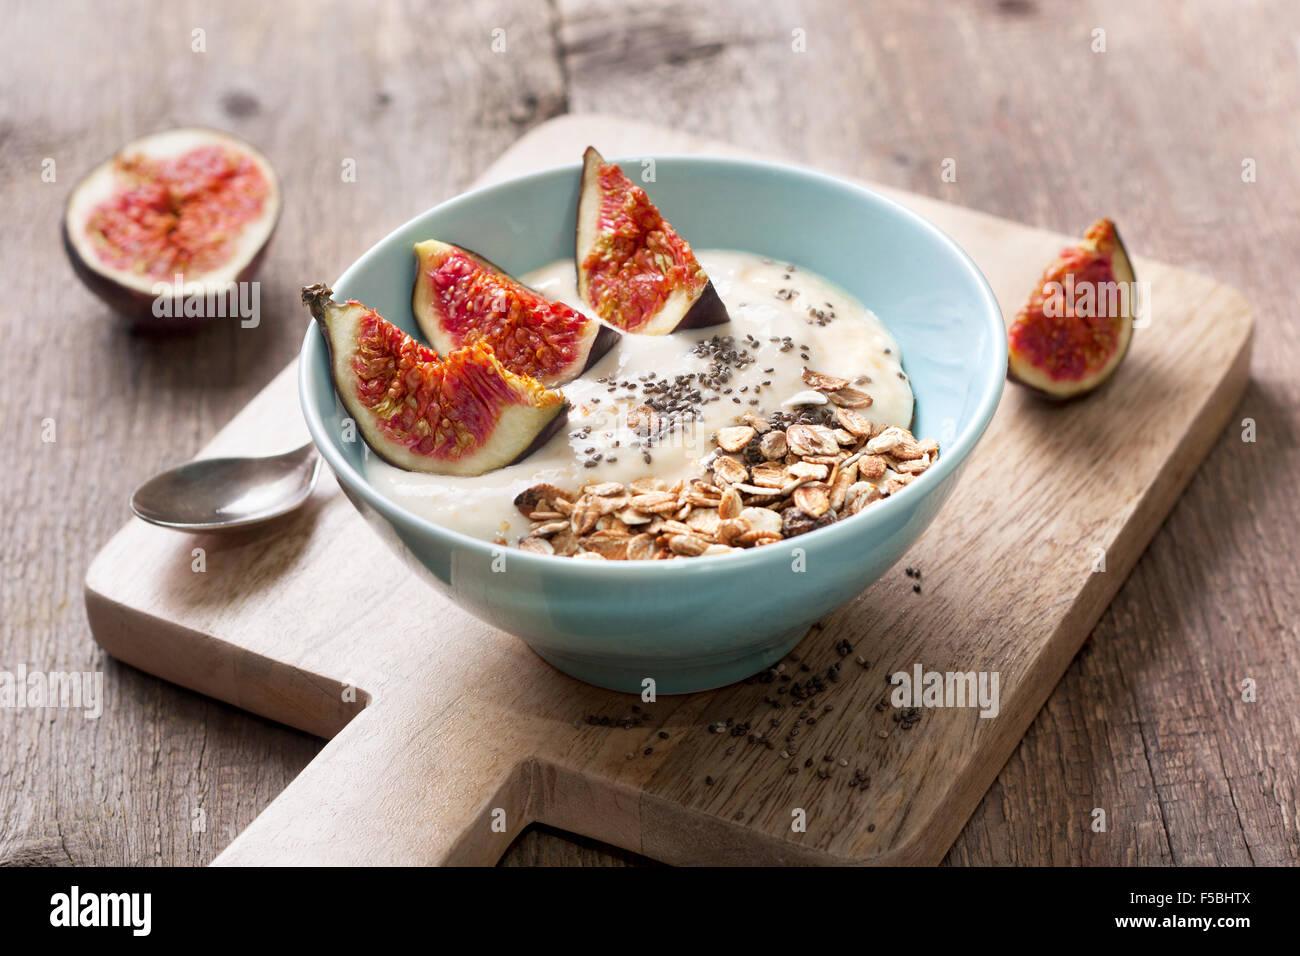 Le petit-déjeuner avec du muesli, yaourt, figues et chia graines dans un bol bleu sur un fond de bois Photo Stock